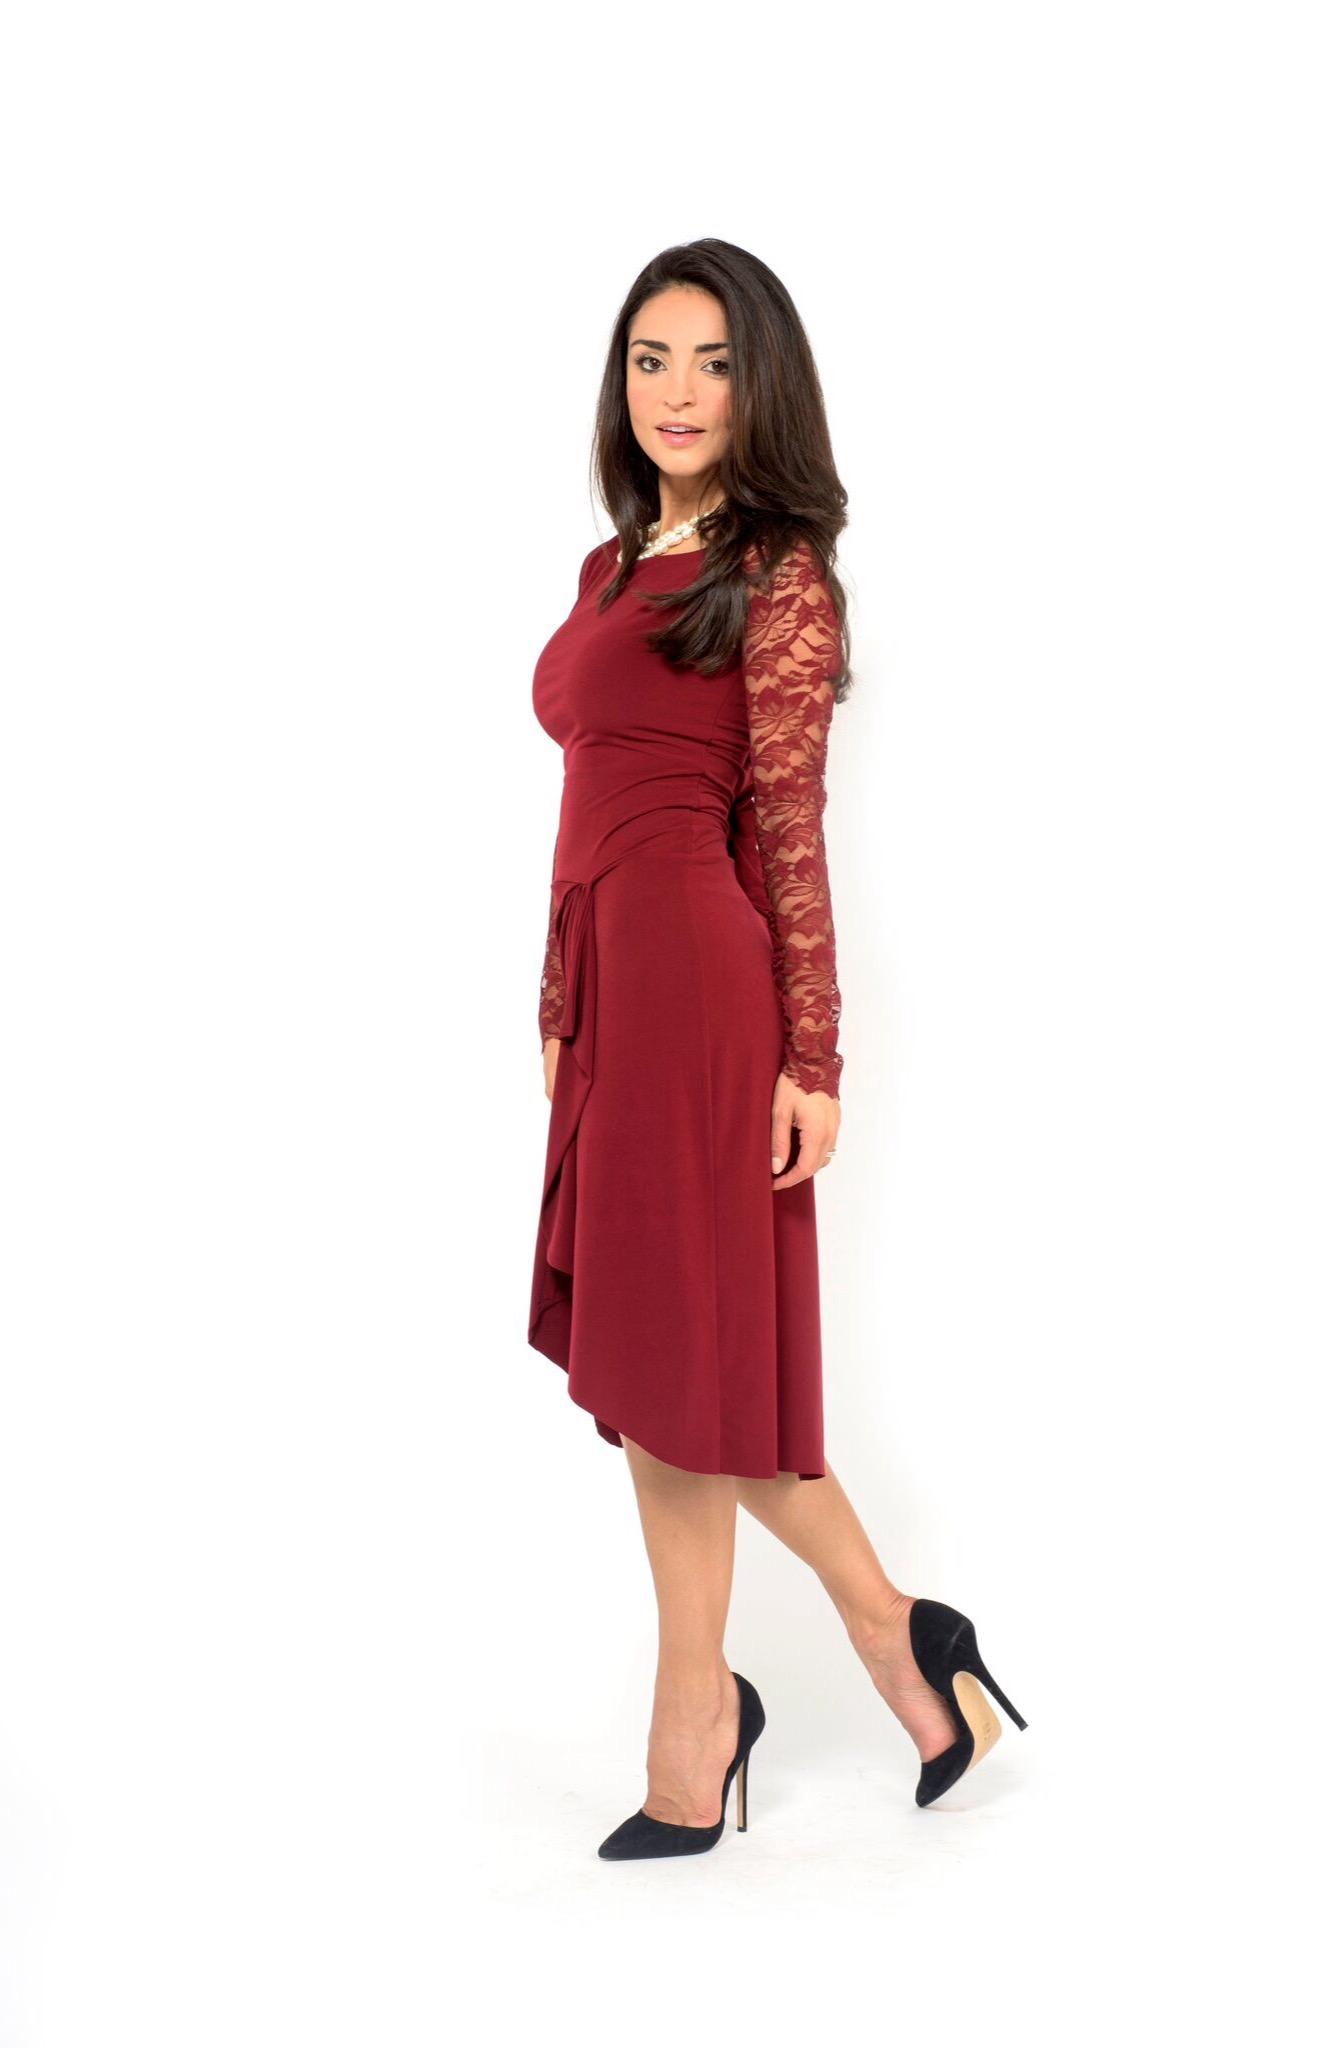 Tango dress bordeaux, long sleeves lace